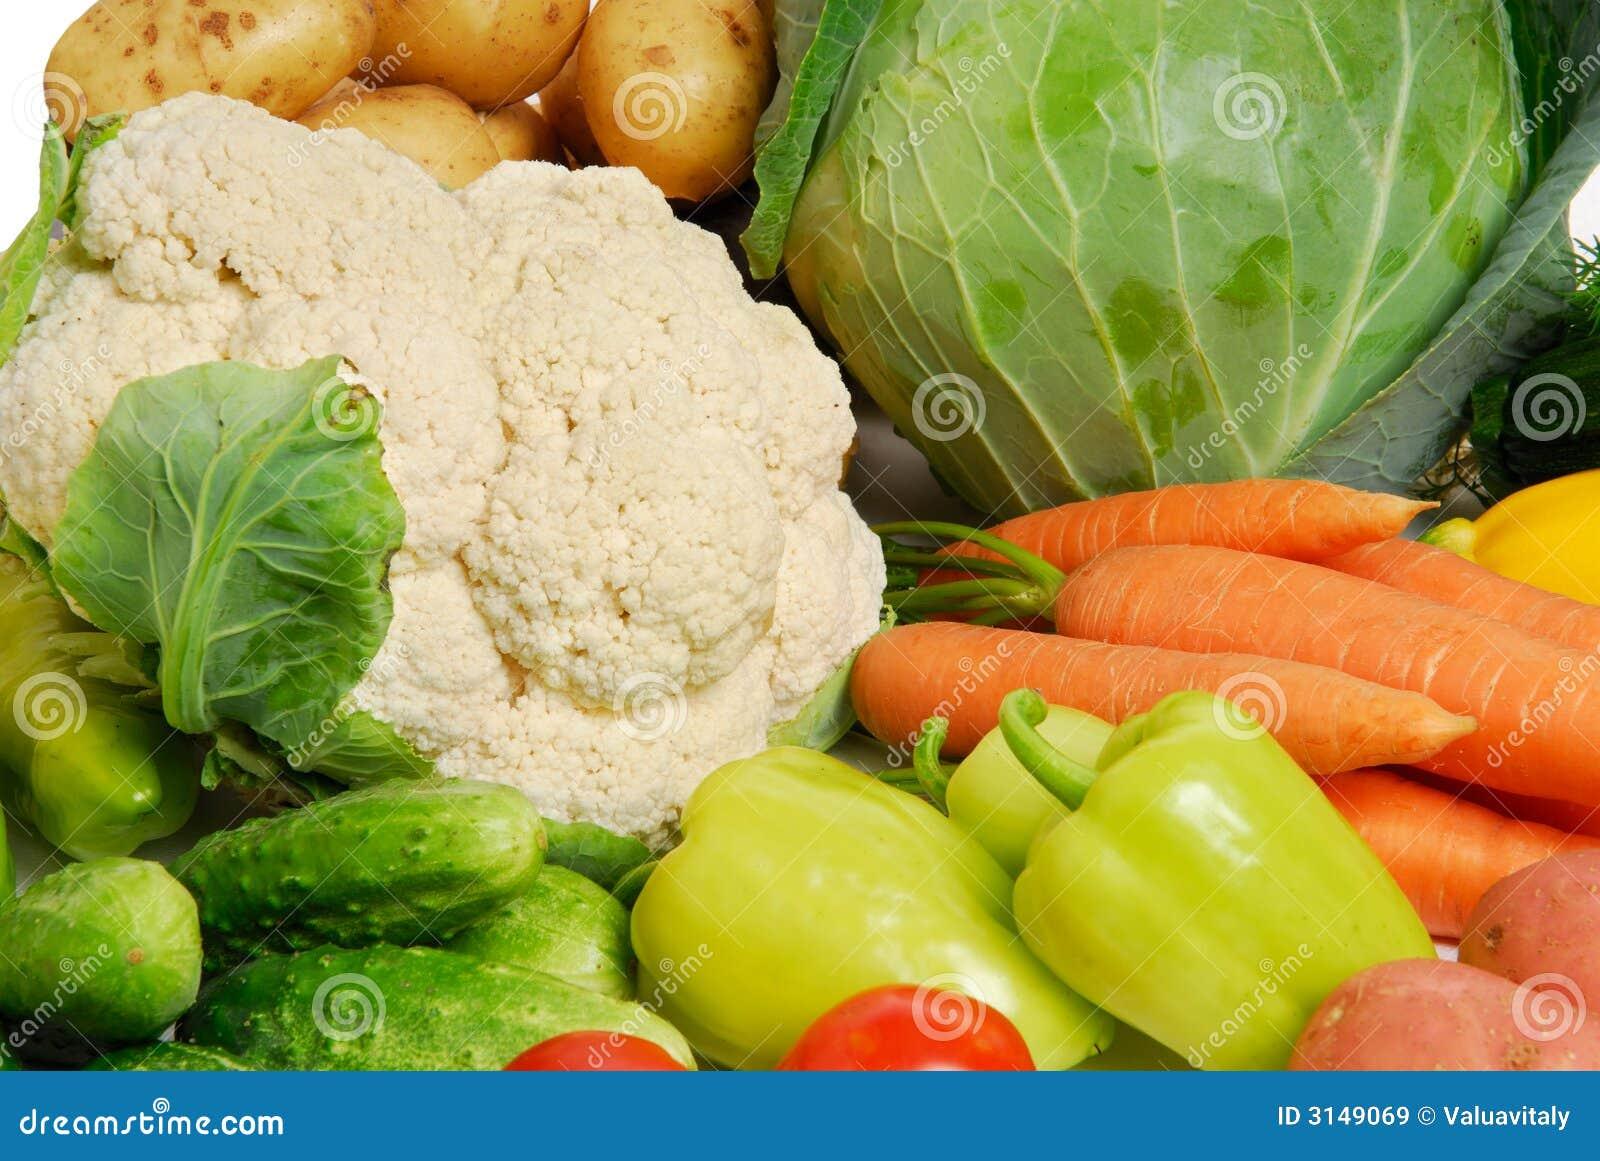 Verdure grezze fresche